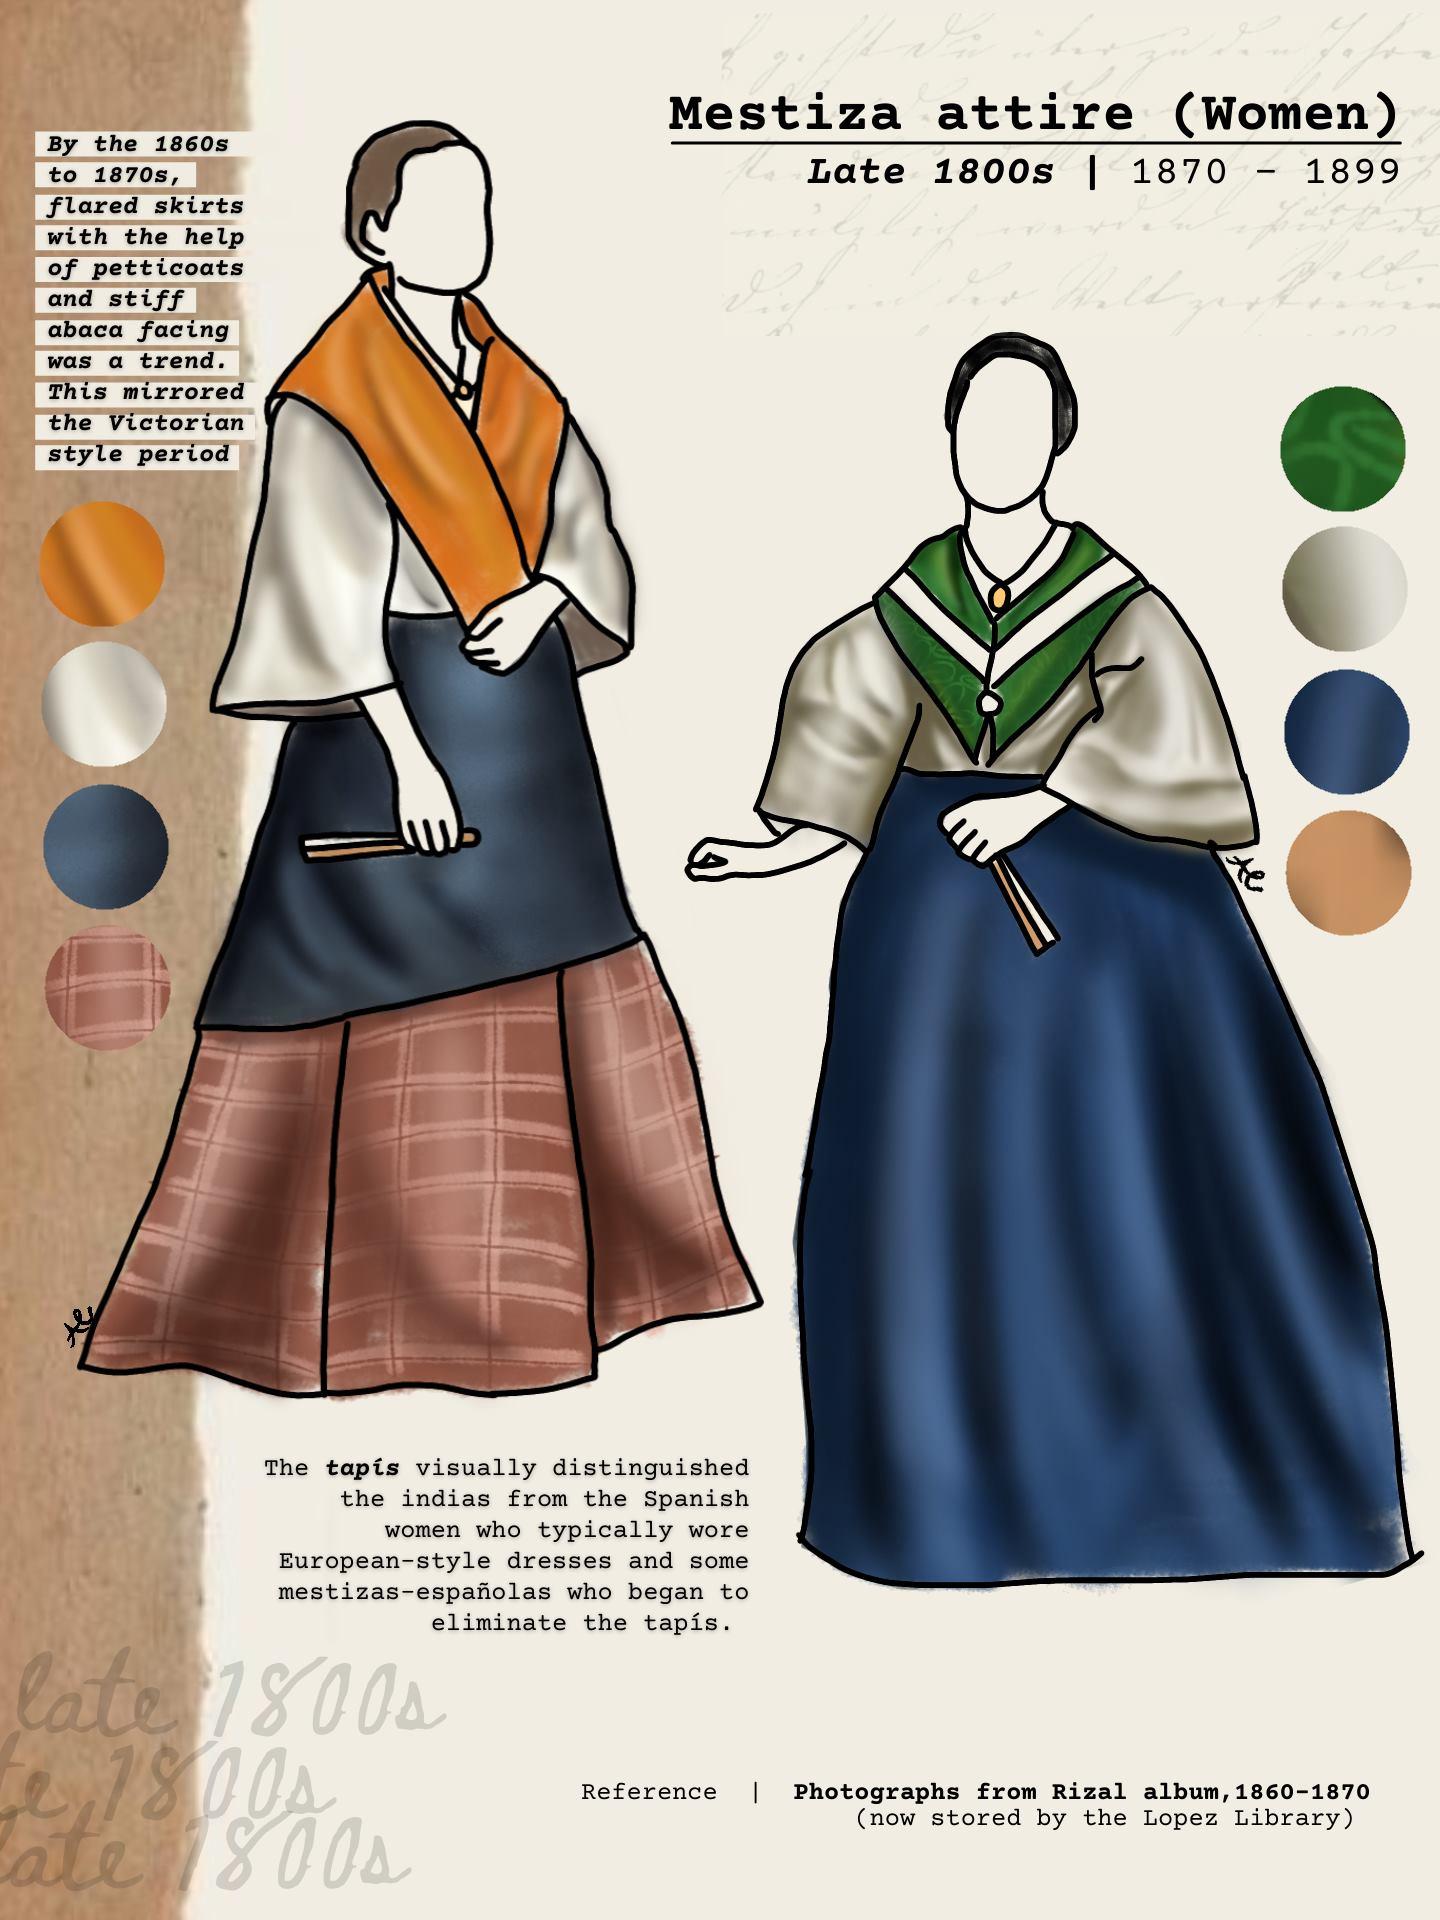 Mestiza attire, late 1800s